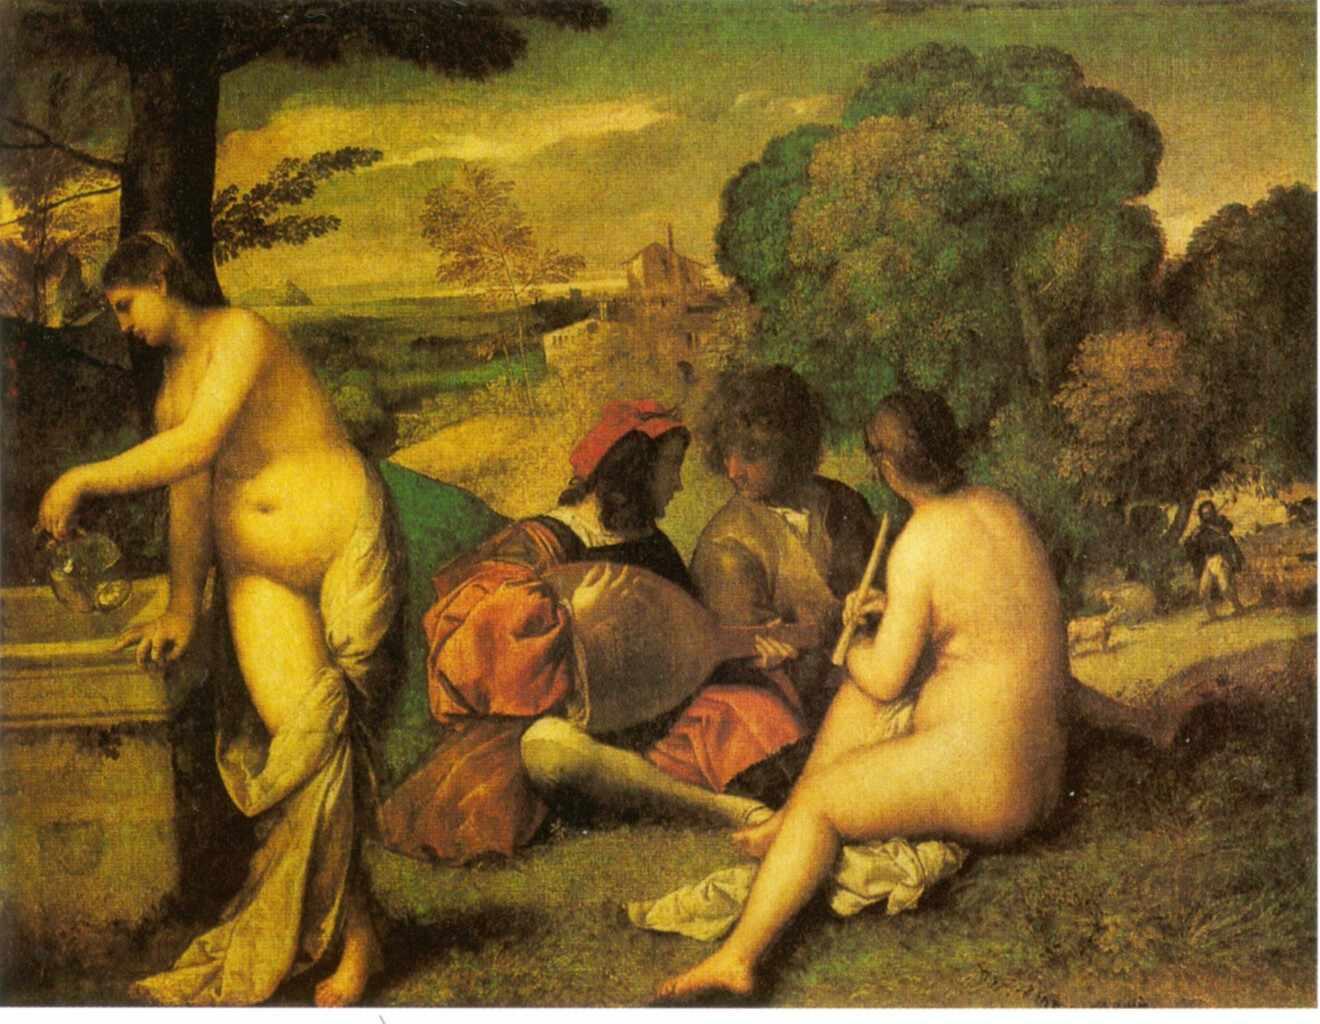 Studio Badini Createam: le dejeuner sur l herbe - Giorgione - Le concert champetre